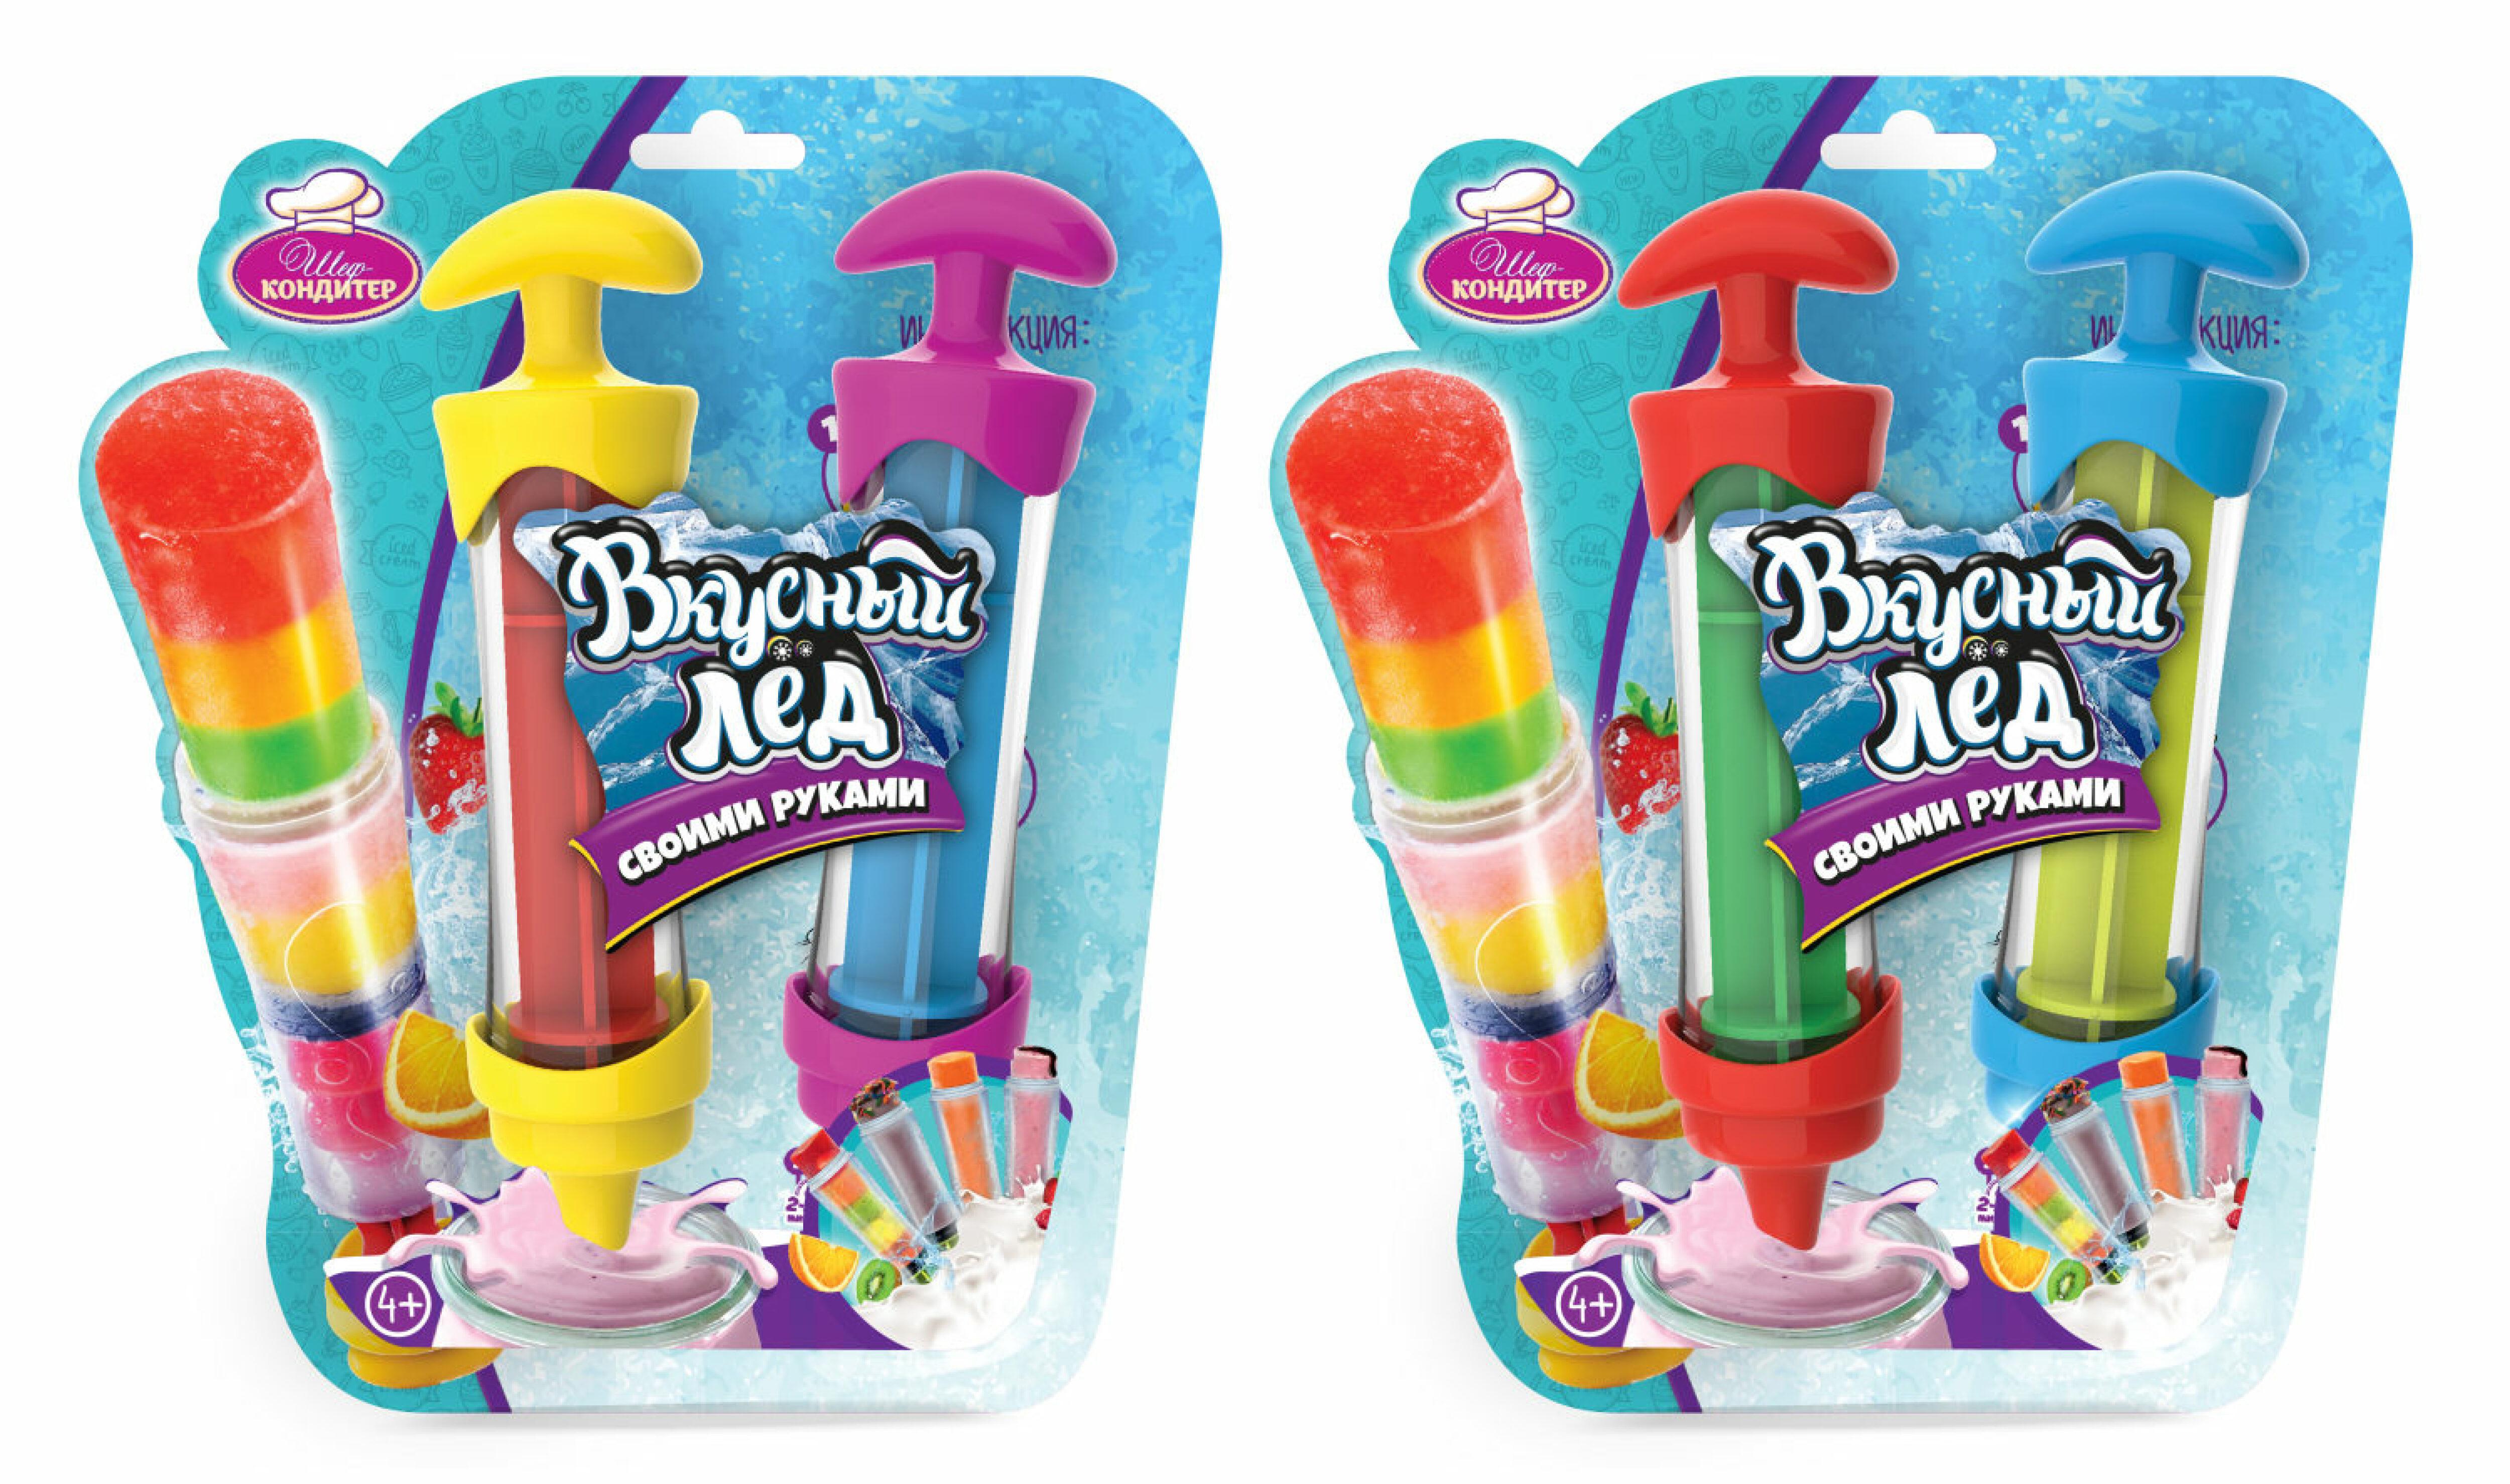 Шеф-кондитер Вкусный лёд (2 шприца) блистер 20х23,5х5 см Т16449